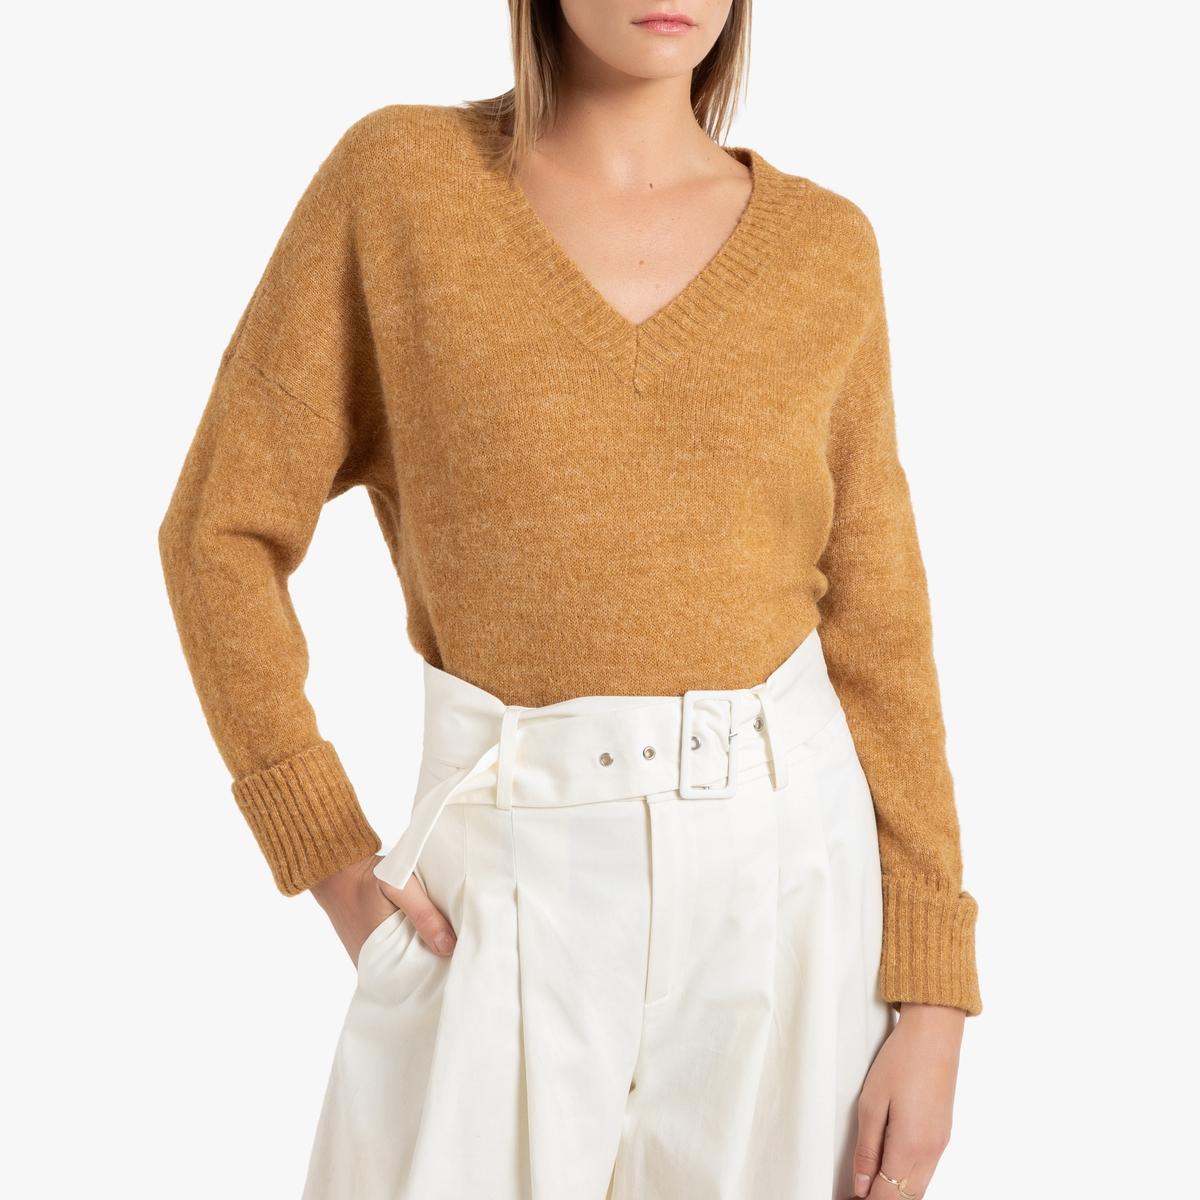 цена Пуловер La Redoute С длинными рукавами и V-образным вырезом M каштановый онлайн в 2017 году